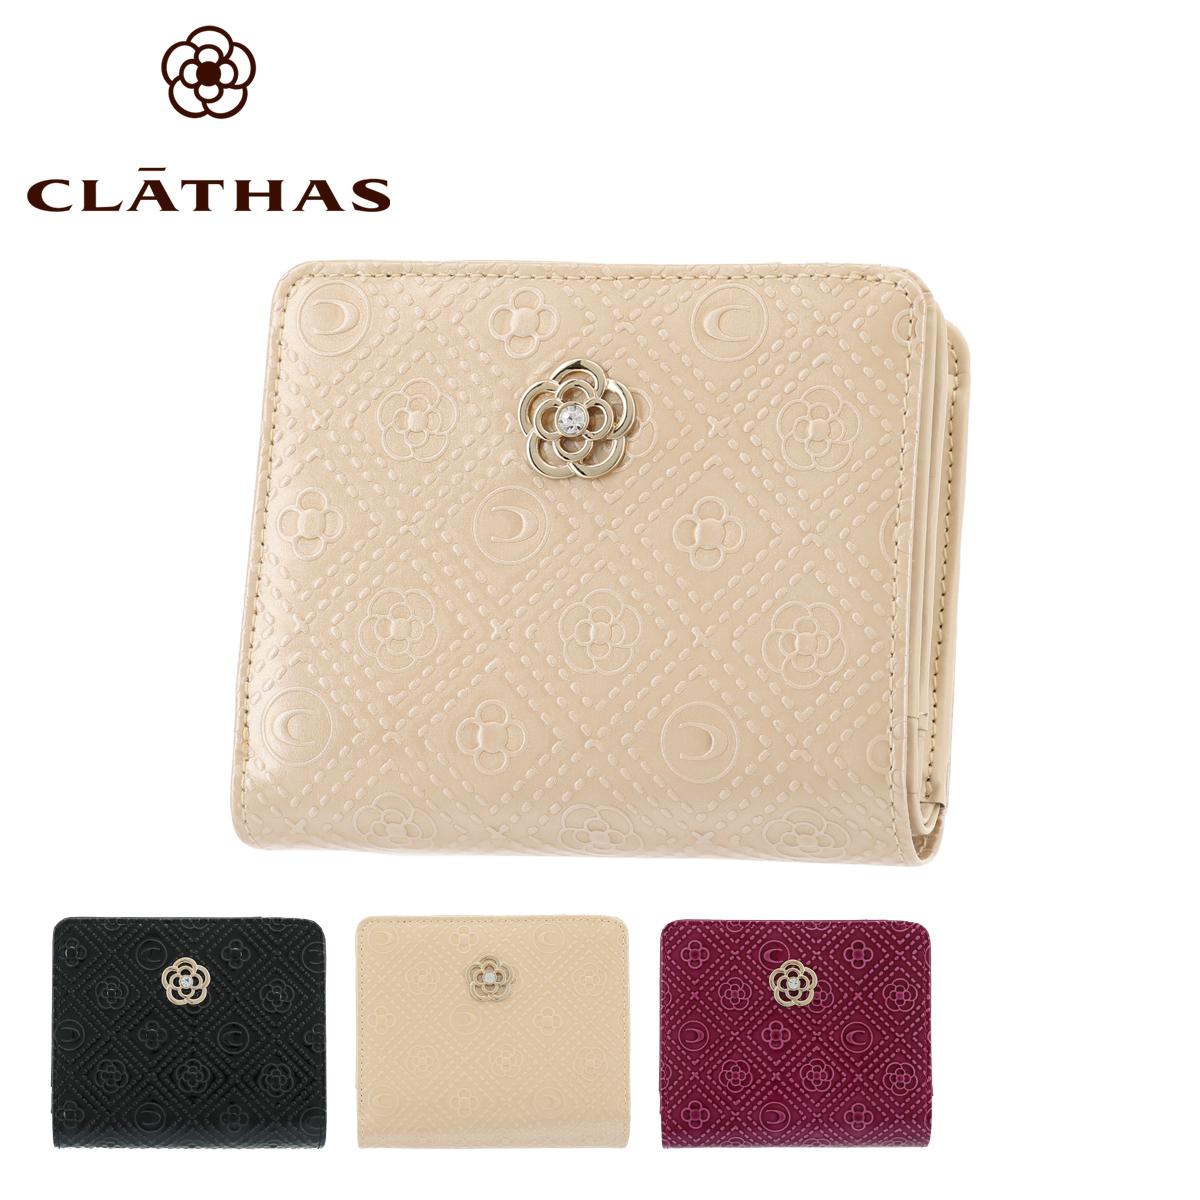 クレイサス 二つ折り財布 ミモザ レディース 188532 CLATHAS | 牛革 本革 レザー[即日発送][PO5]